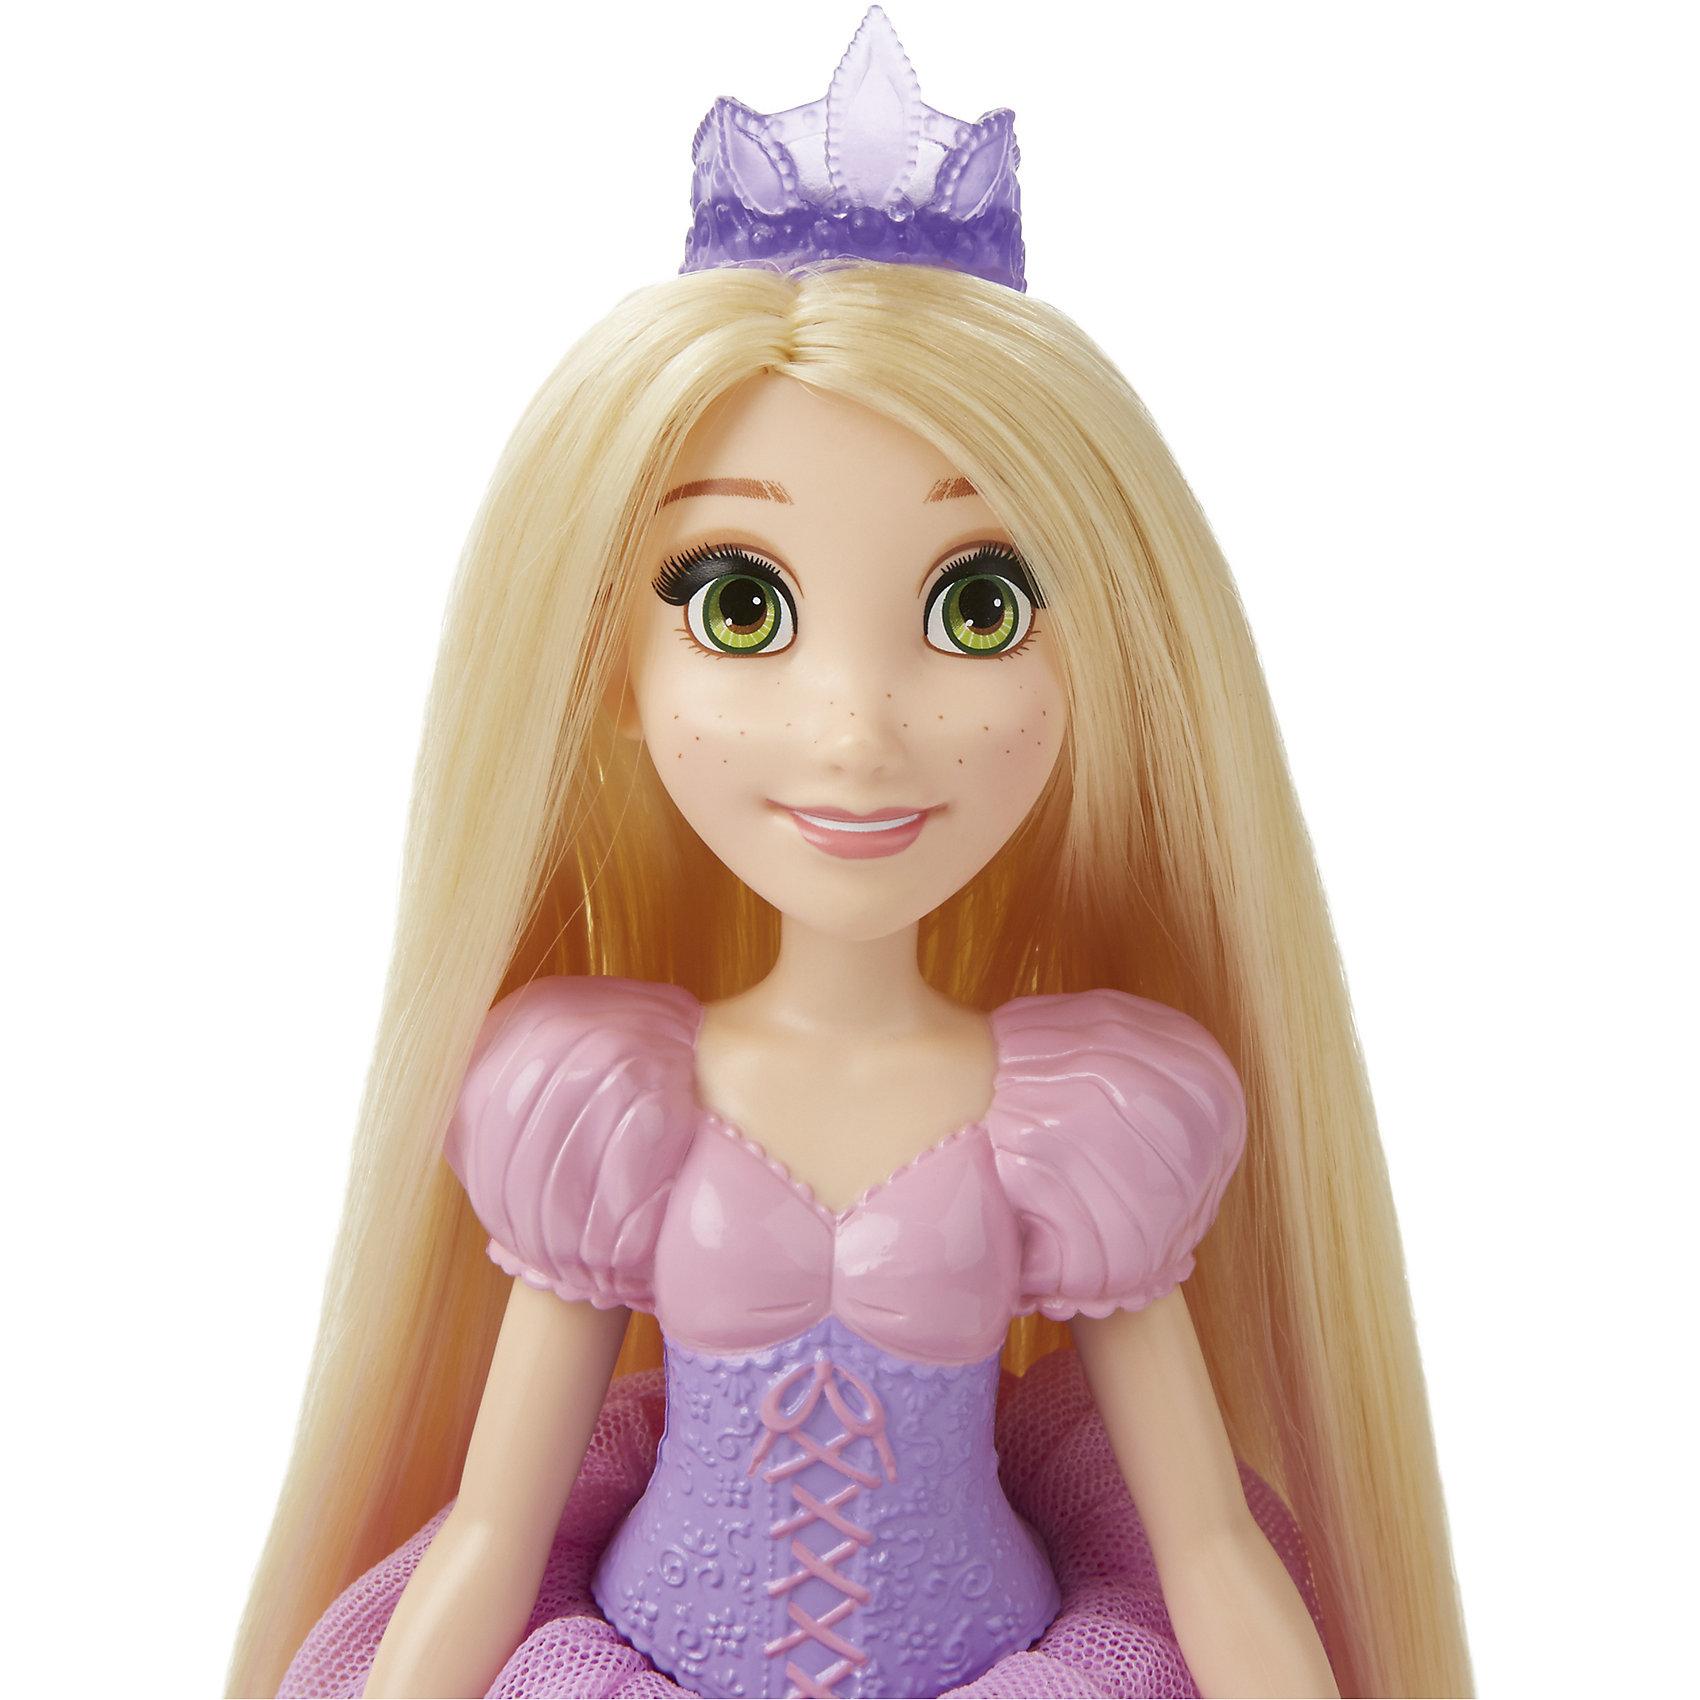 Куклы Принцесса Рапунцель для игры с водой, Принцессы Дисней, B5302/B5304Куклы Принцессы Рапунцель для игры с водой, Принцессы Дисней, B5302/B5304.<br><br>Характеристики:<br><br>- В наборе: кукла, ложечка для мыльных пузырей<br>- Раствор для выдувания пузырей не входит в комплект<br>- Материал: высококачественный пластик, текстиль<br>- Высота куклы: 28 см.<br>- Размер упаковки: 15,2х6,4х35,6 см.<br><br>Очаровательная кукла в виде Рапунцель, героини одноименного мультфильма, от торговой марки Hasbro (Хасбро) станет любимой игрушкой вашей маленькой принцессы. Кукла имеет высокую степень детализации, даже самые мелкие детали качественно прорисованы. Рапунцель одета в красивое розовой платье с рукавами-фонариками. На голове у Рапунцель - тиара, как и полагается настоящей принцессе. Однако она не только выполняет декоративную функцию, но и является уникальным игровым аксессуаром - из нее можно пускать самые настоящие мыльные пузыри! Для этого нужно залить мыльный раствор в отверстие в спине куклы, которое закрывается герметичной крышкой, а затем надавить на куклу. Кроме того, с помощью аксессуара, входящего в комплект, можно пускать мыльные пузыри обычным способом. Руки, ноги и голова куклы подвижны, а ее роскошные, длинные волосы можно расчесывать и укладывать в различные прически. Кукла изготовлена из прочного пластика, а ее одежда пошита из высококачественного текстиля.<br><br>Куклу Принцессы Рапунцель для игры с водой, Принцессы Дисней, B5302/B5304 можно купить в нашем интернет-магазине.<br><br>Ширина мм: 64<br>Глубина мм: 152<br>Высота мм: 1700<br>Вес г: 183<br>Возраст от месяцев: 36<br>Возраст до месяцев: 144<br>Пол: Женский<br>Возраст: Детский<br>SKU: 5064700